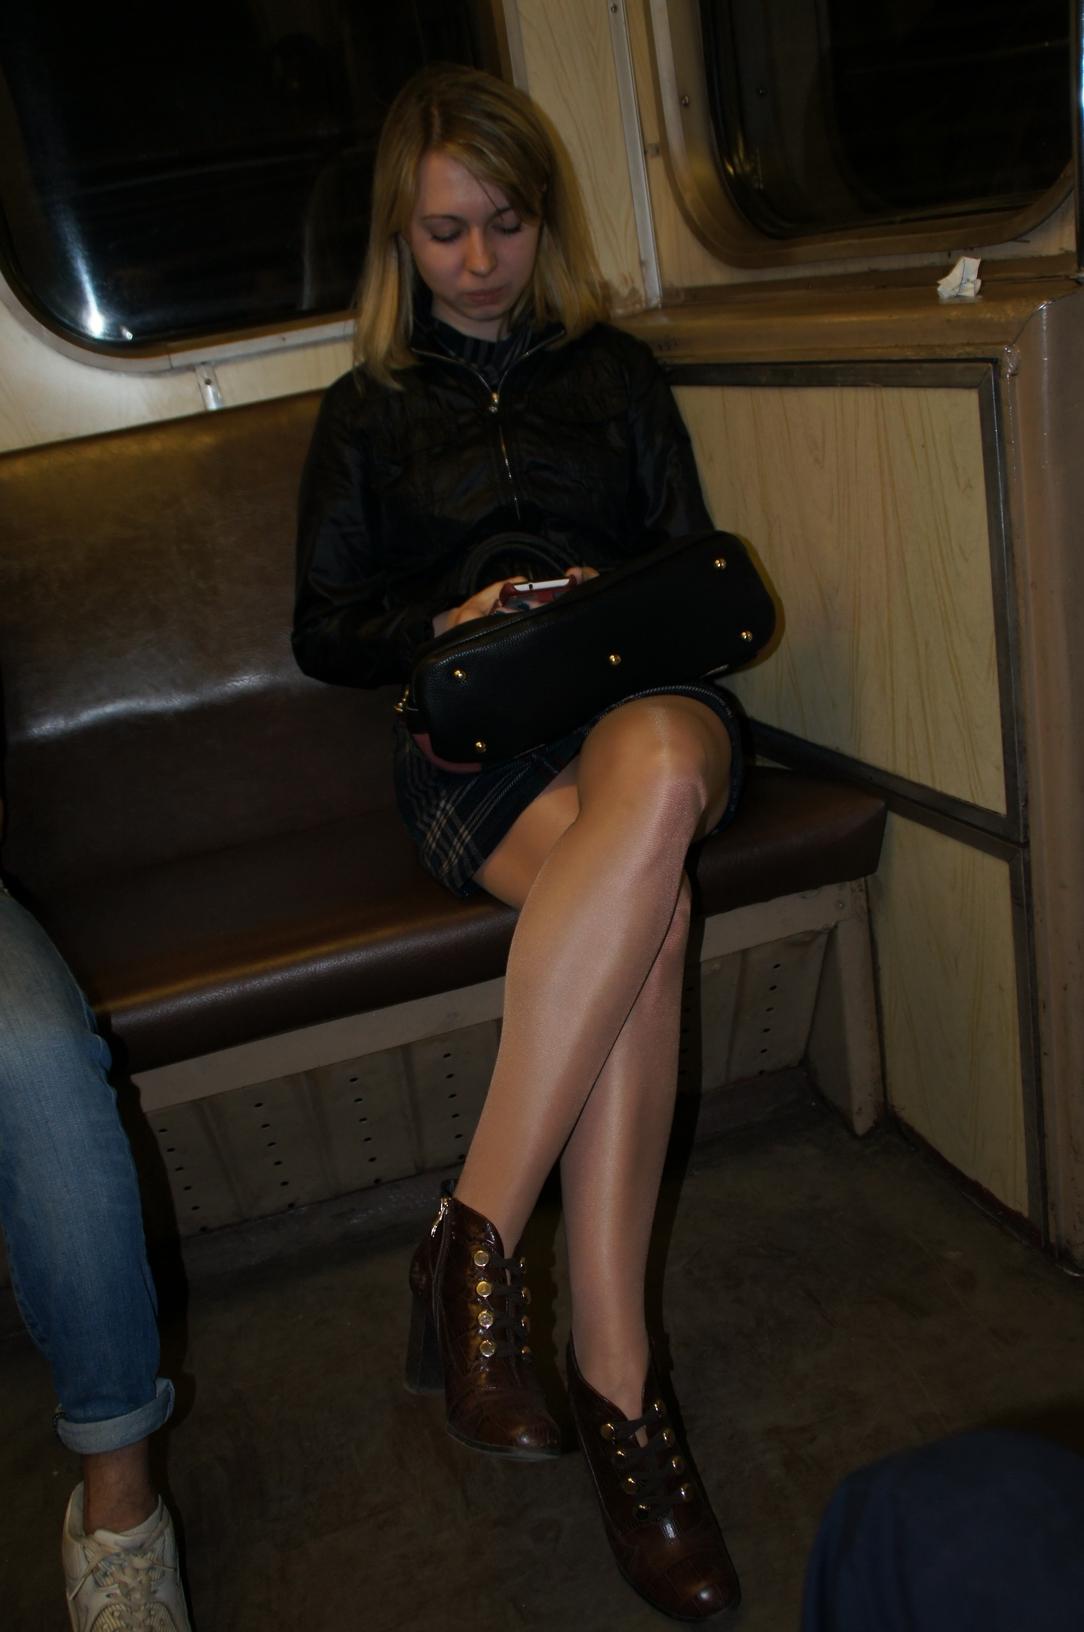 Фотографии женщин в метро почему